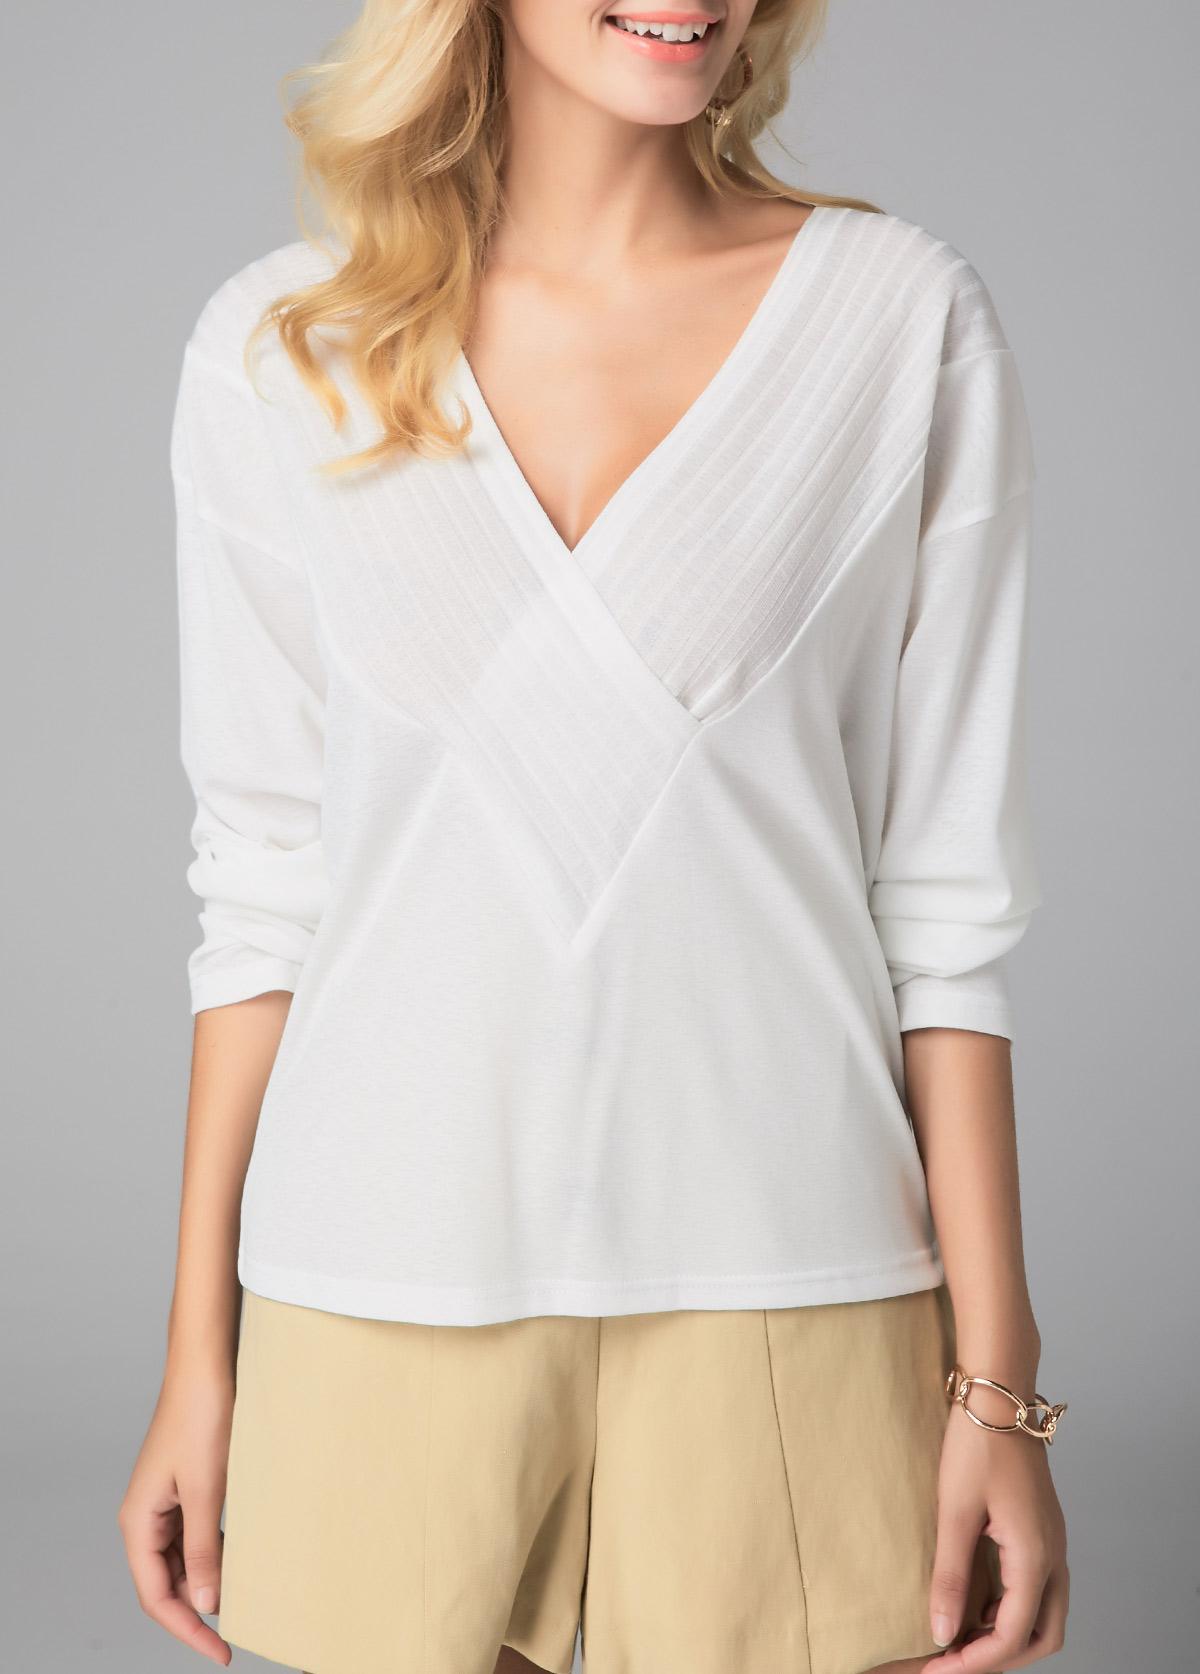 Long Sleeve White V Neck Blouse